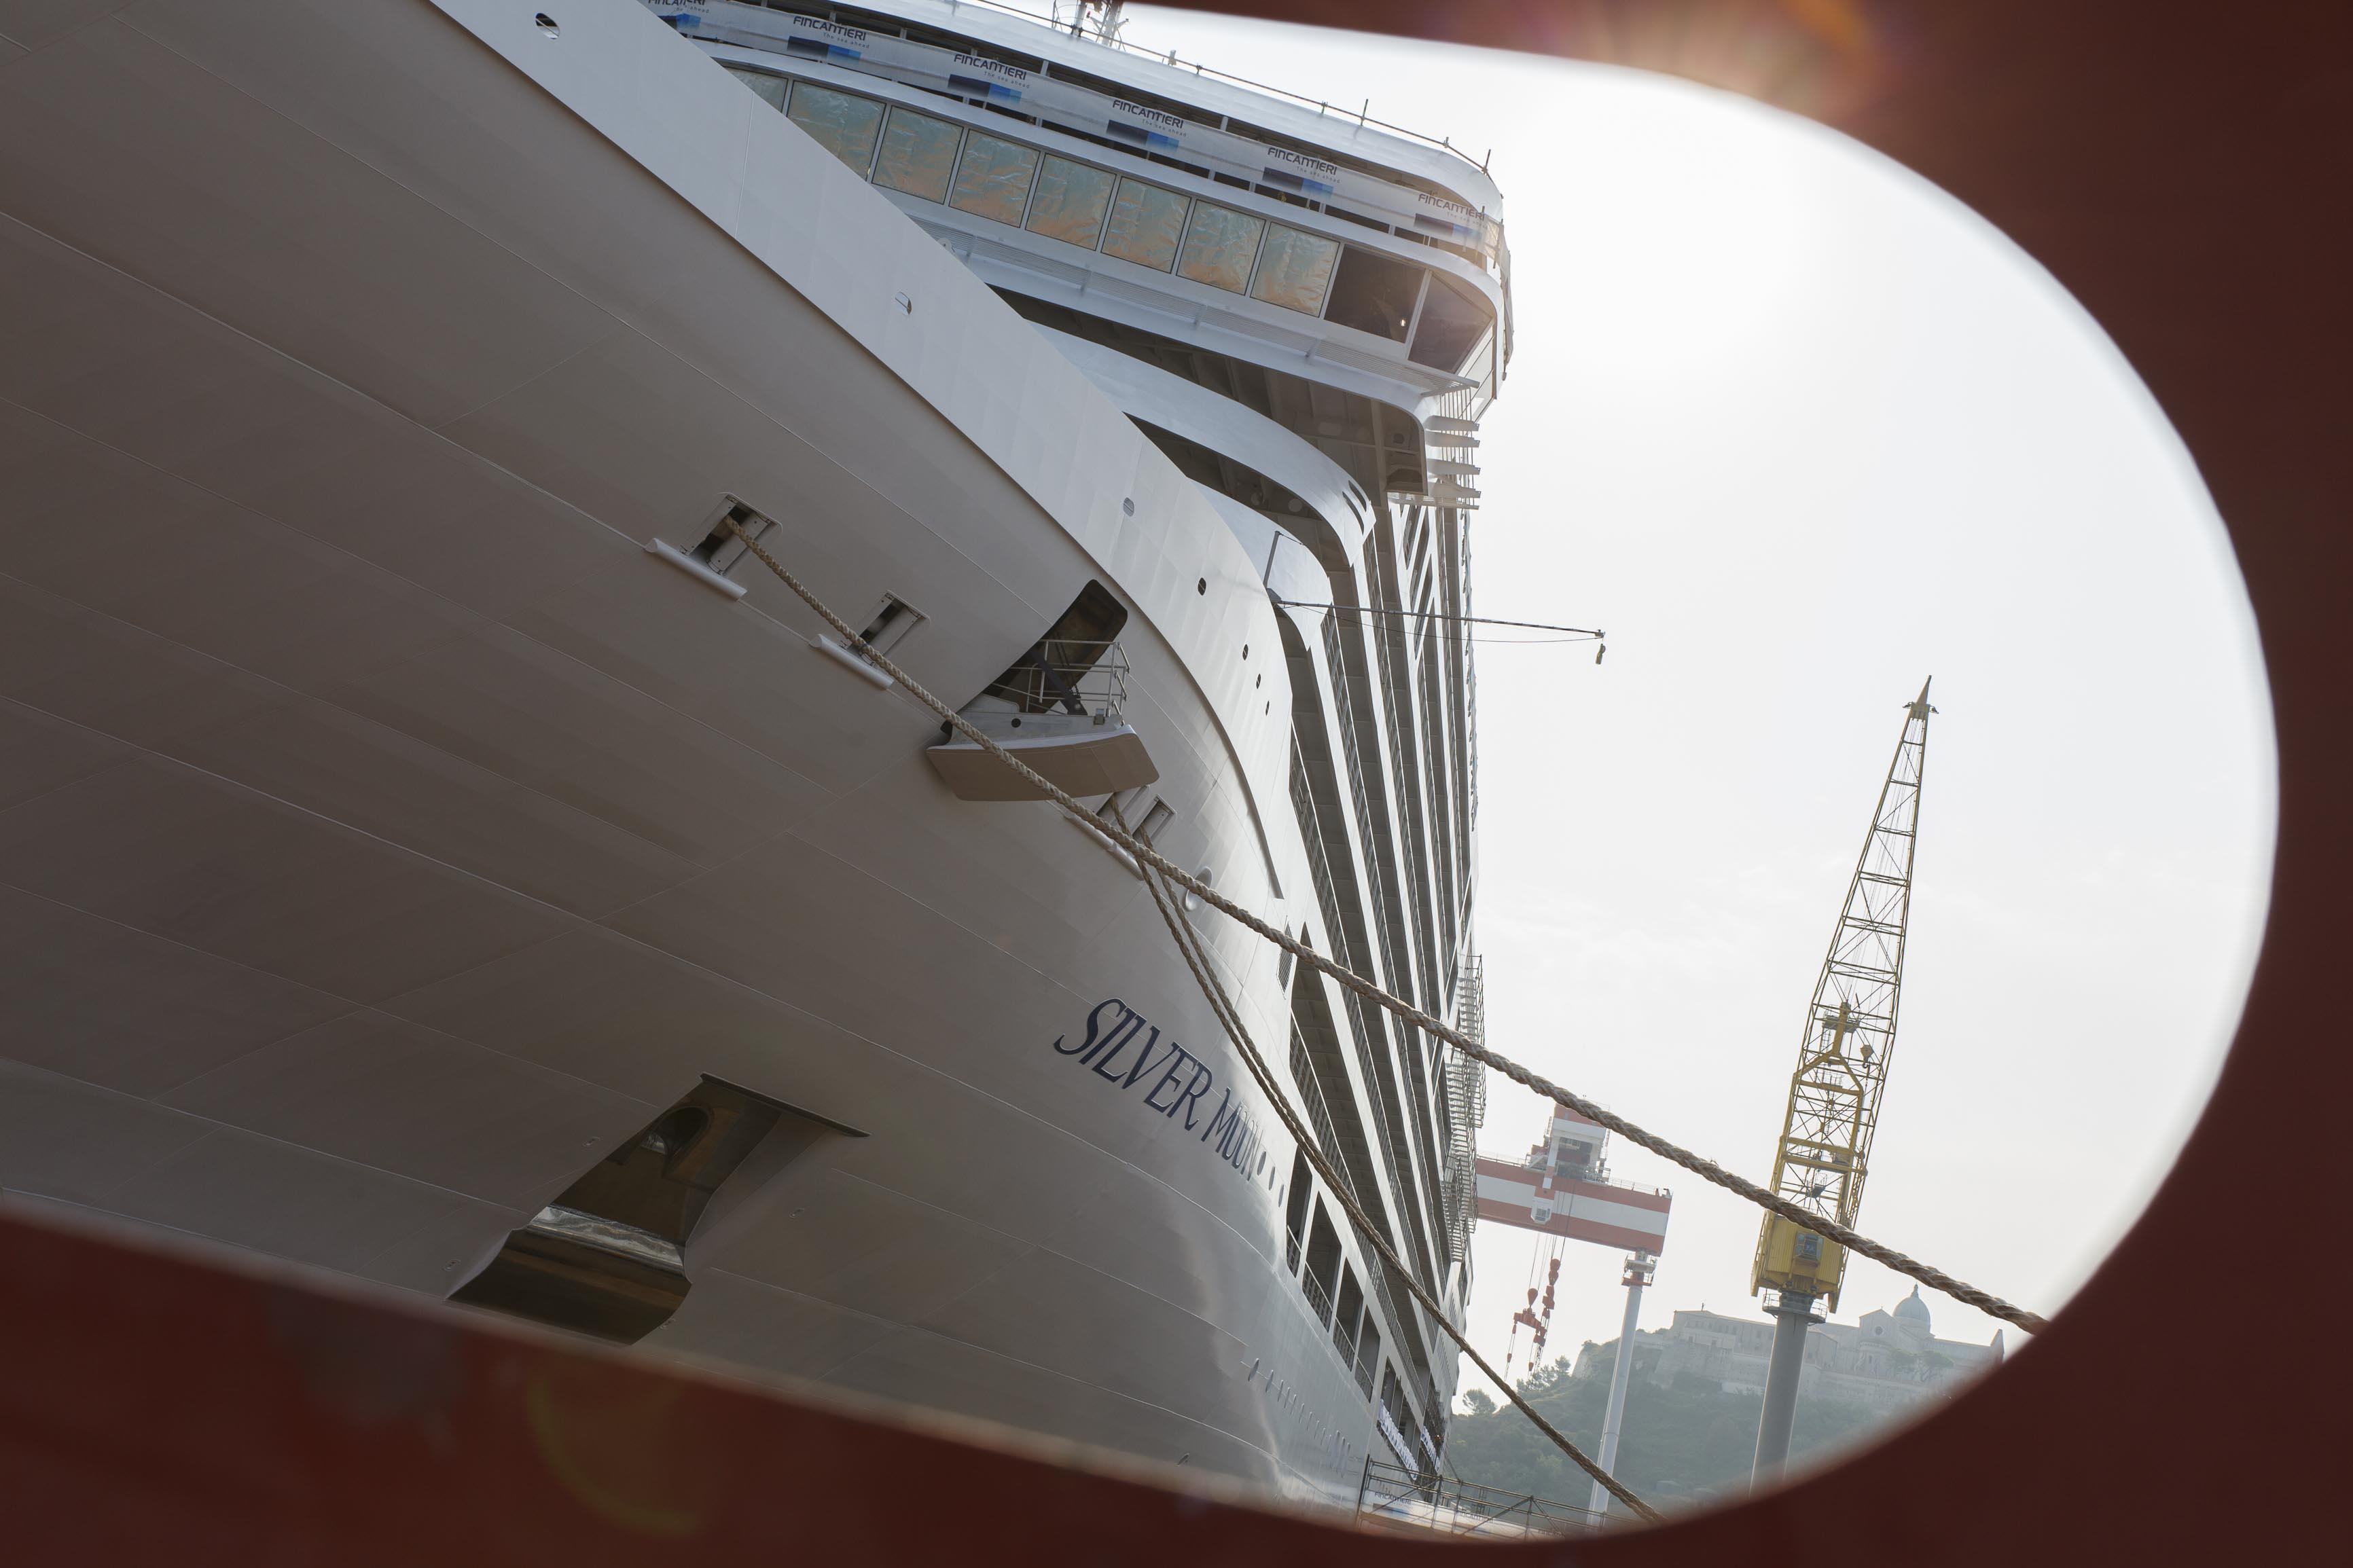 Silverseas neuestes Luxus-Kreuzfahrtschiff Silver Moon ist auf der Fincantieri Werft in Ancona, Italien, das erste Mal ins Wasser gelassen und an den Ausrüstungskai verlegt worden.